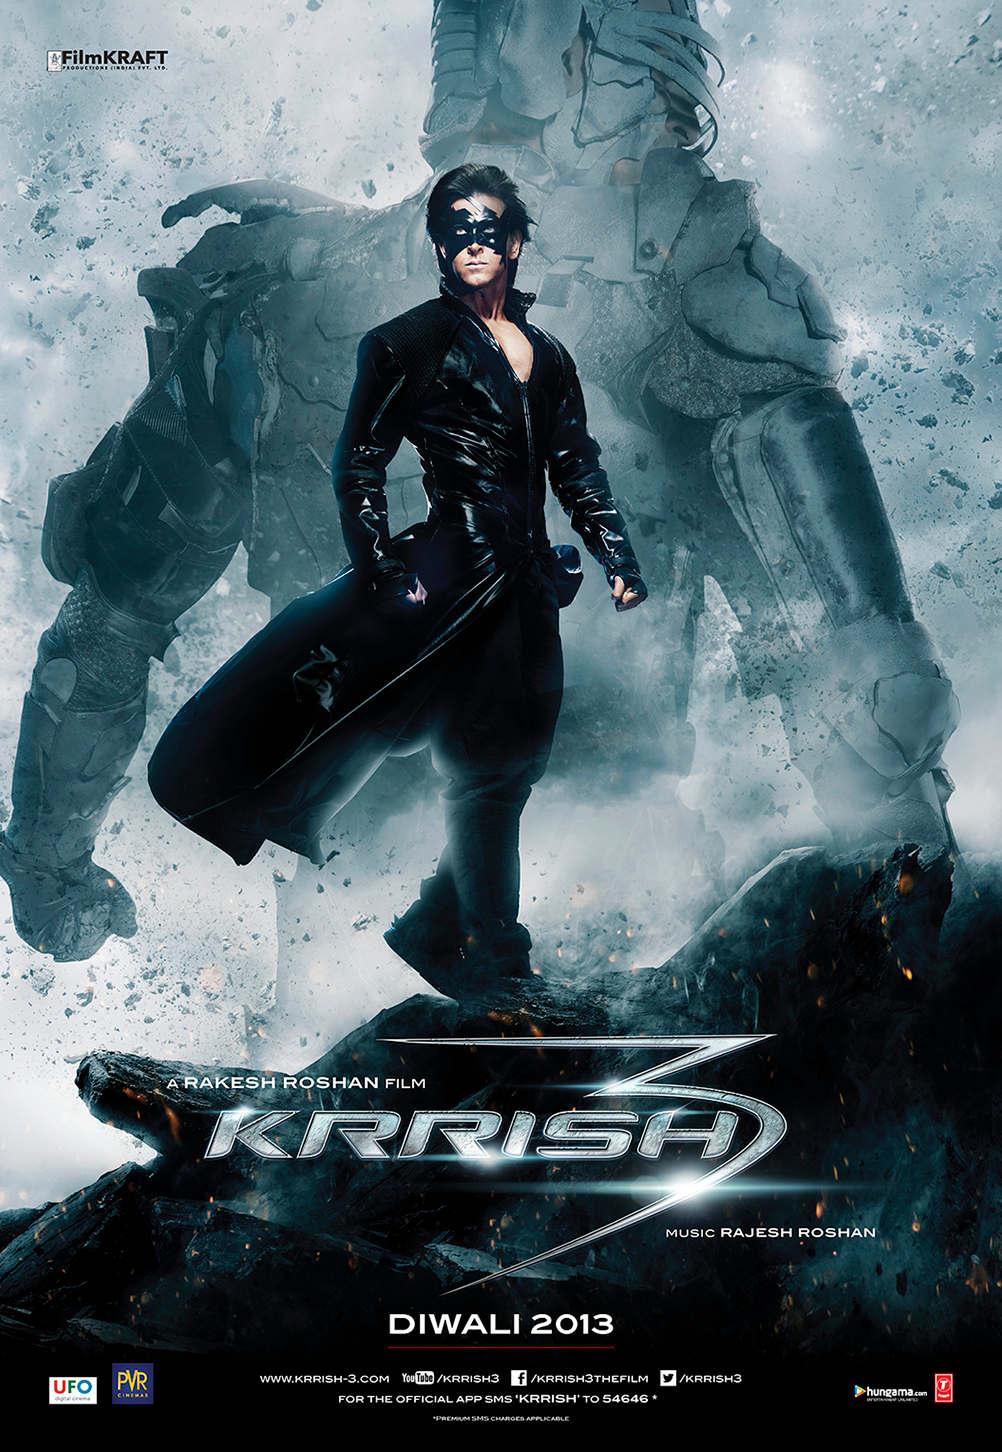 krrish311